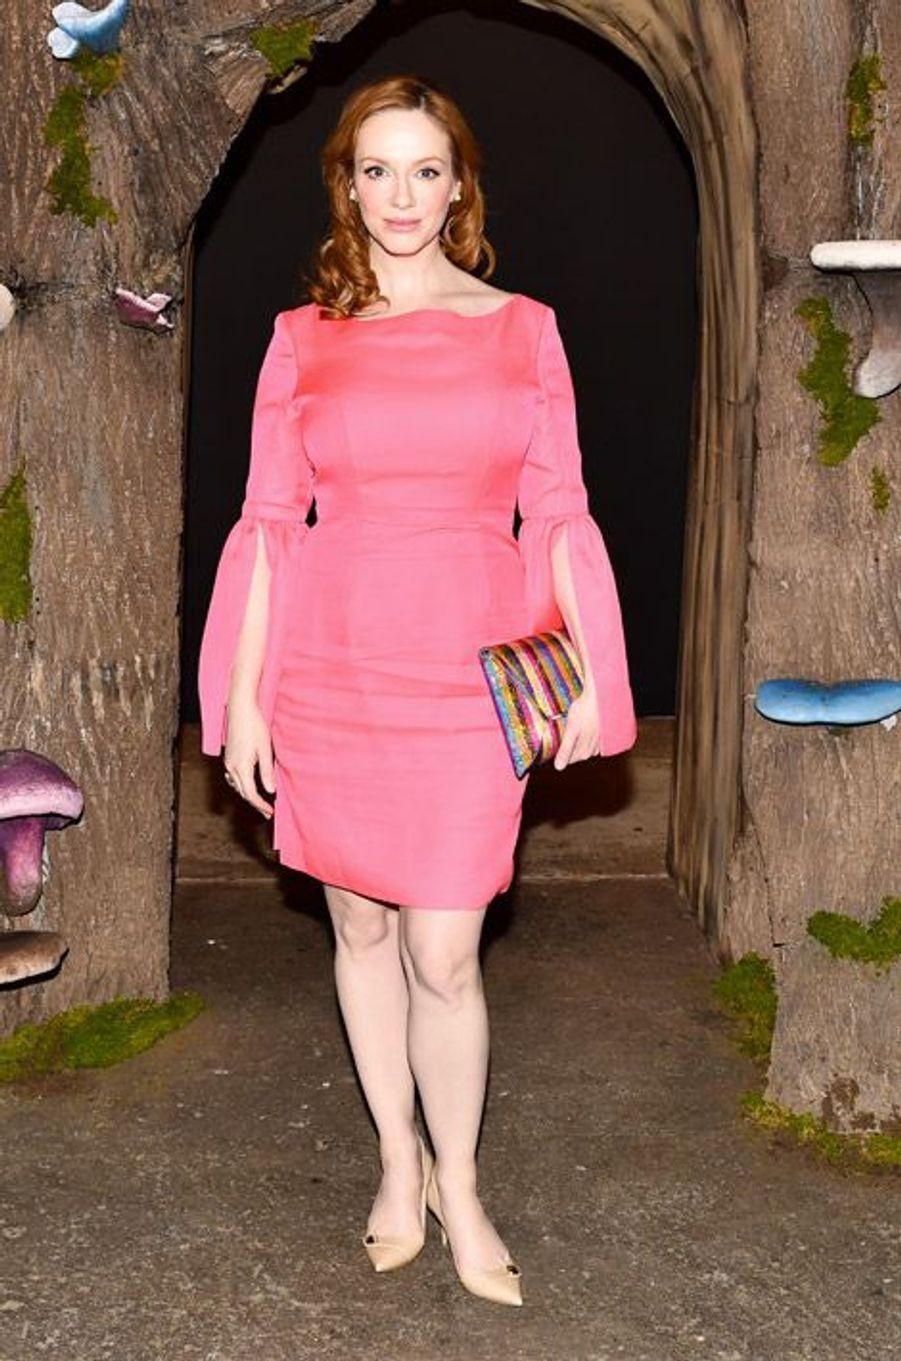 """L'actrice star de la série """"Mad Men"""", Christina Hendricks au défilé Honor, dans une robe de la marque, le 12 février 2015 à New York"""